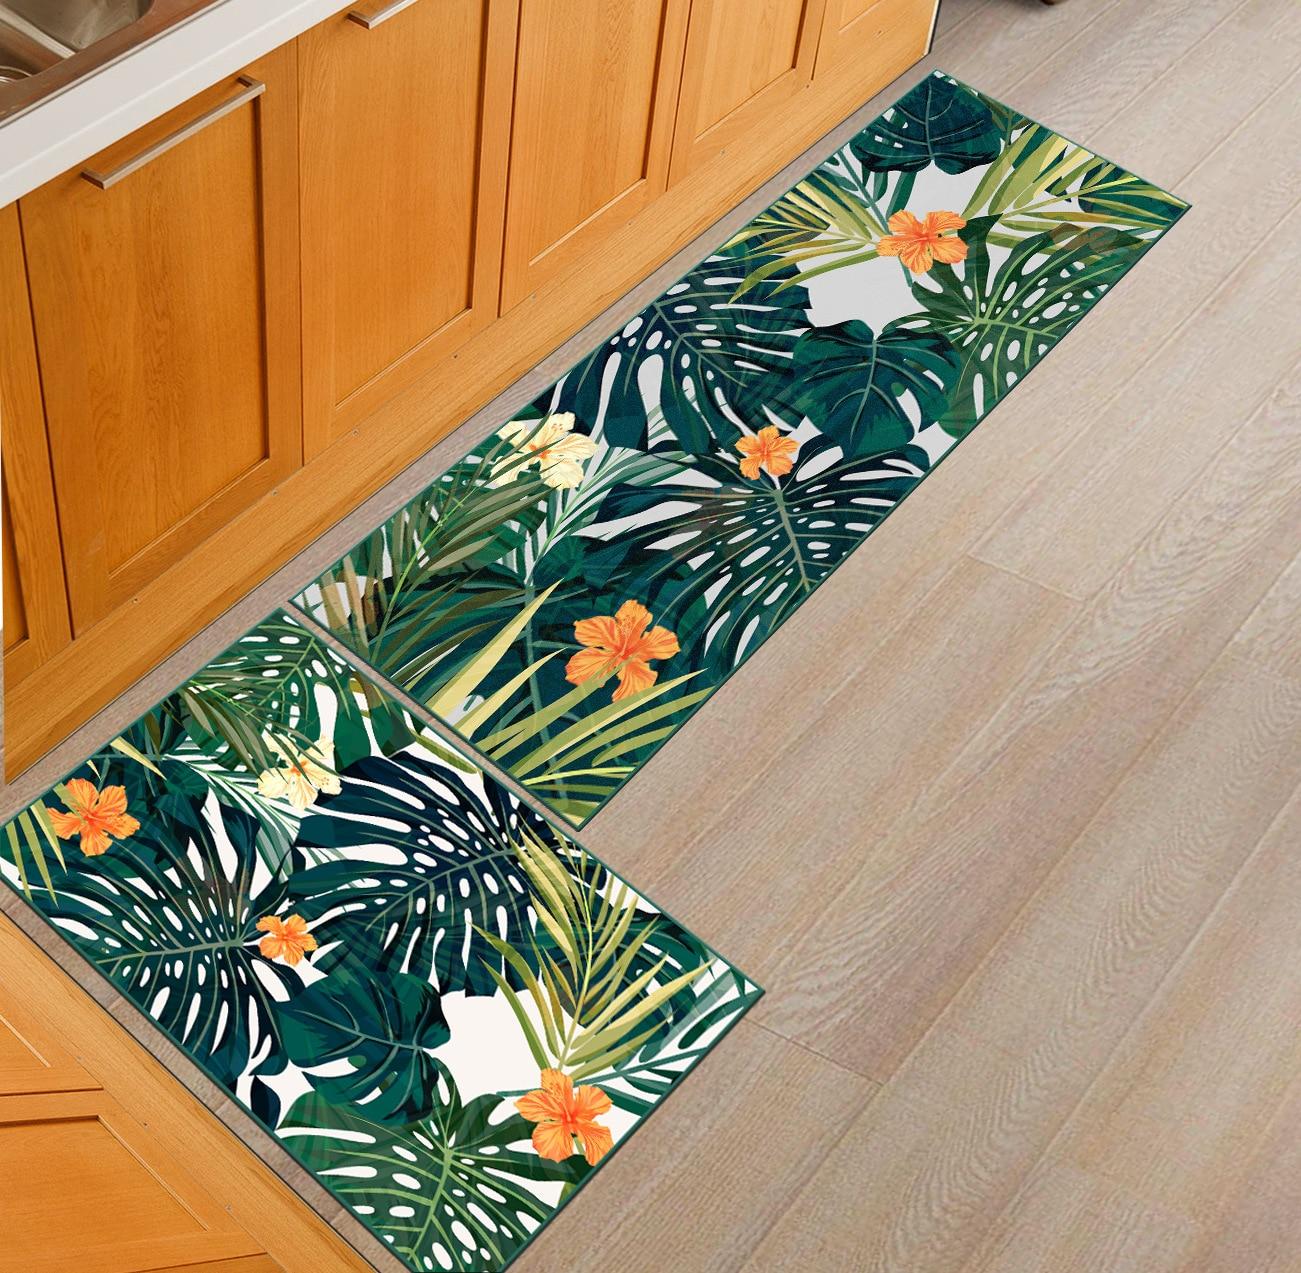 Zeegle Plants Printed Doormats For Entrance Door Water